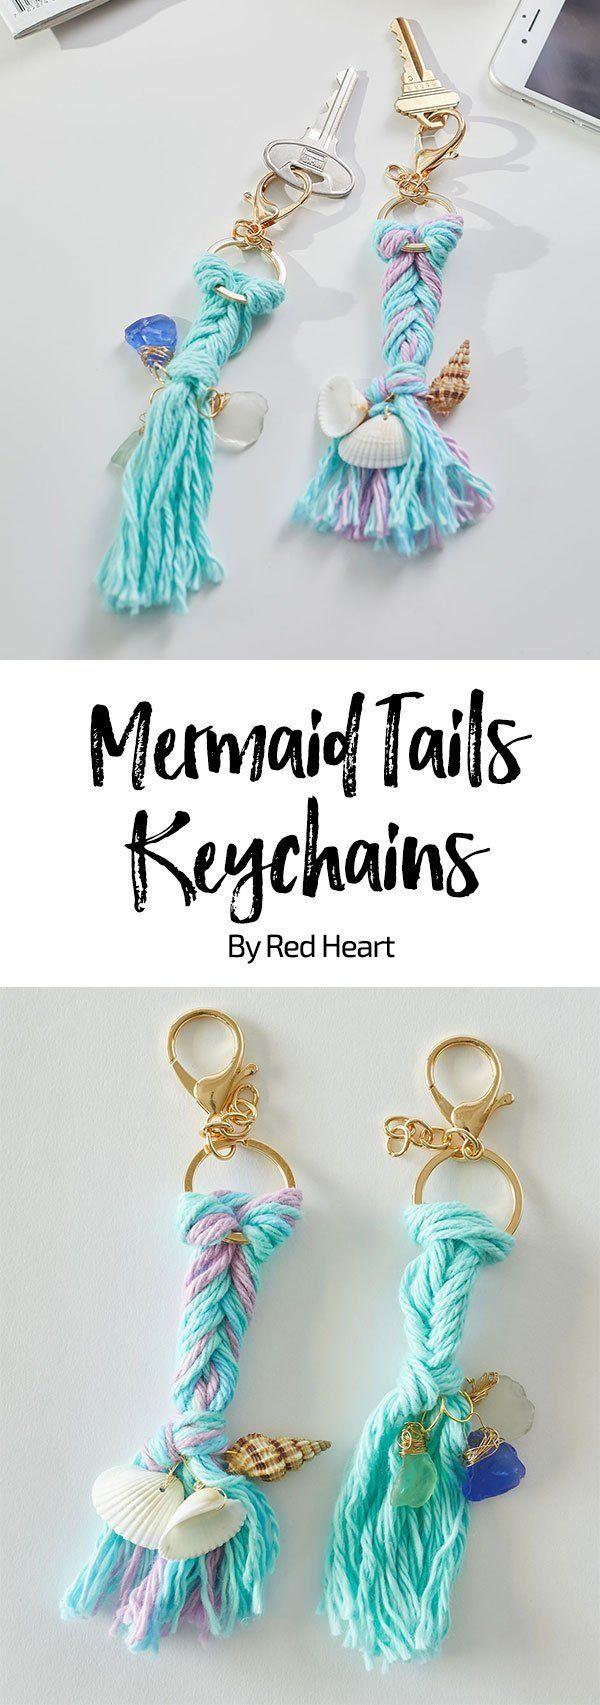 Schlüsselanhänger für echte Meerjungfrauen! Super Idee – und kann in allen m